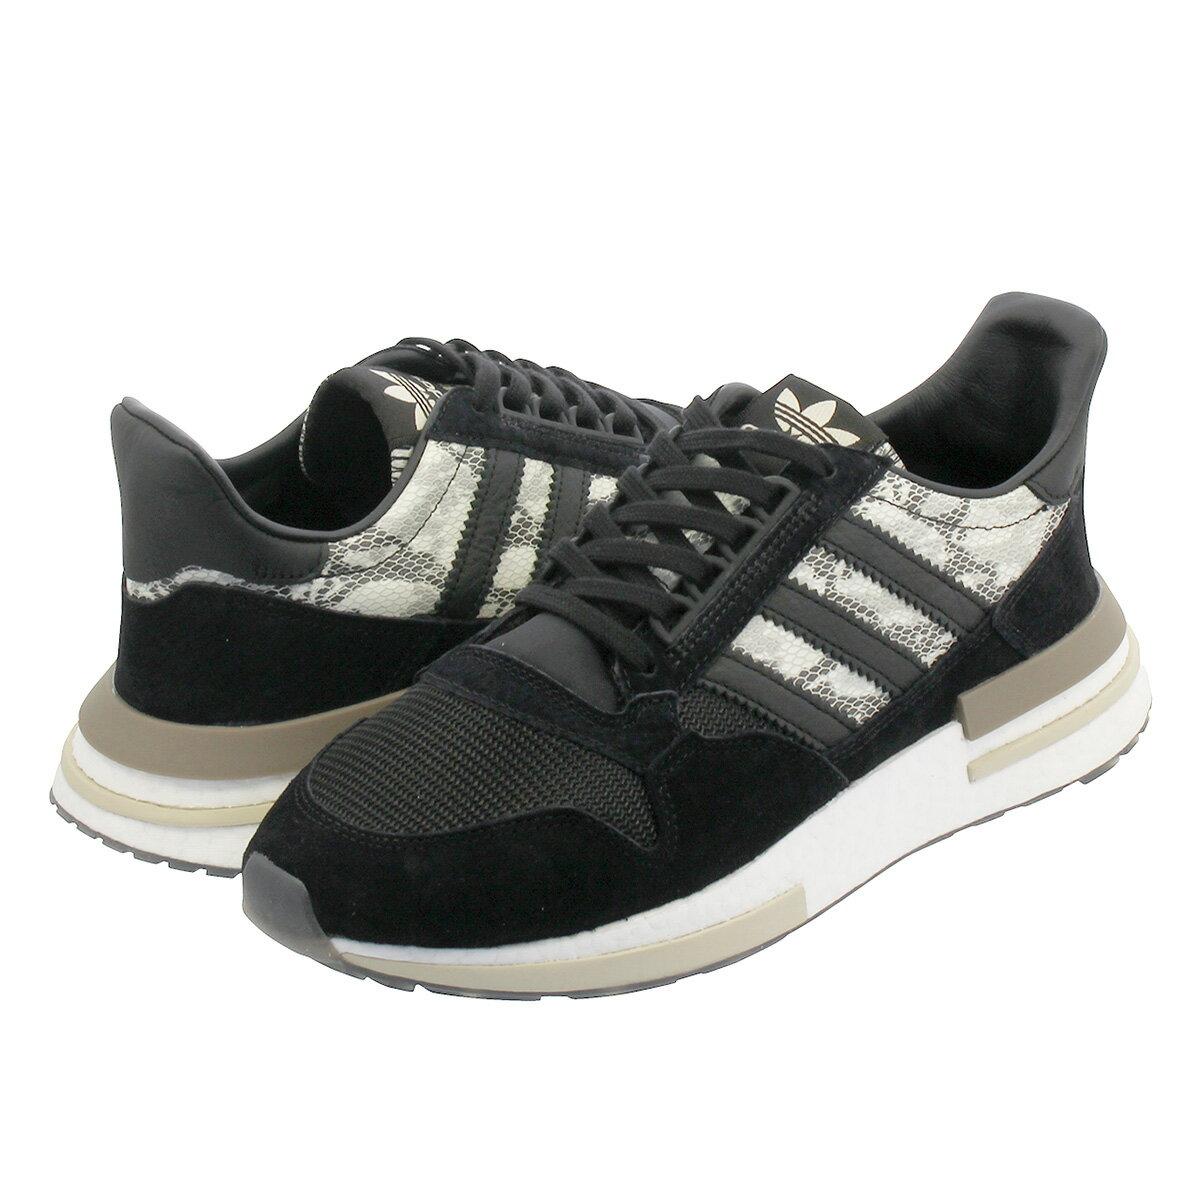 メンズ靴, スニーカー adidas ZX 500 RM ZX 500 RM CORE BLACKCORE BLACKRUNNING WHITE bd7924